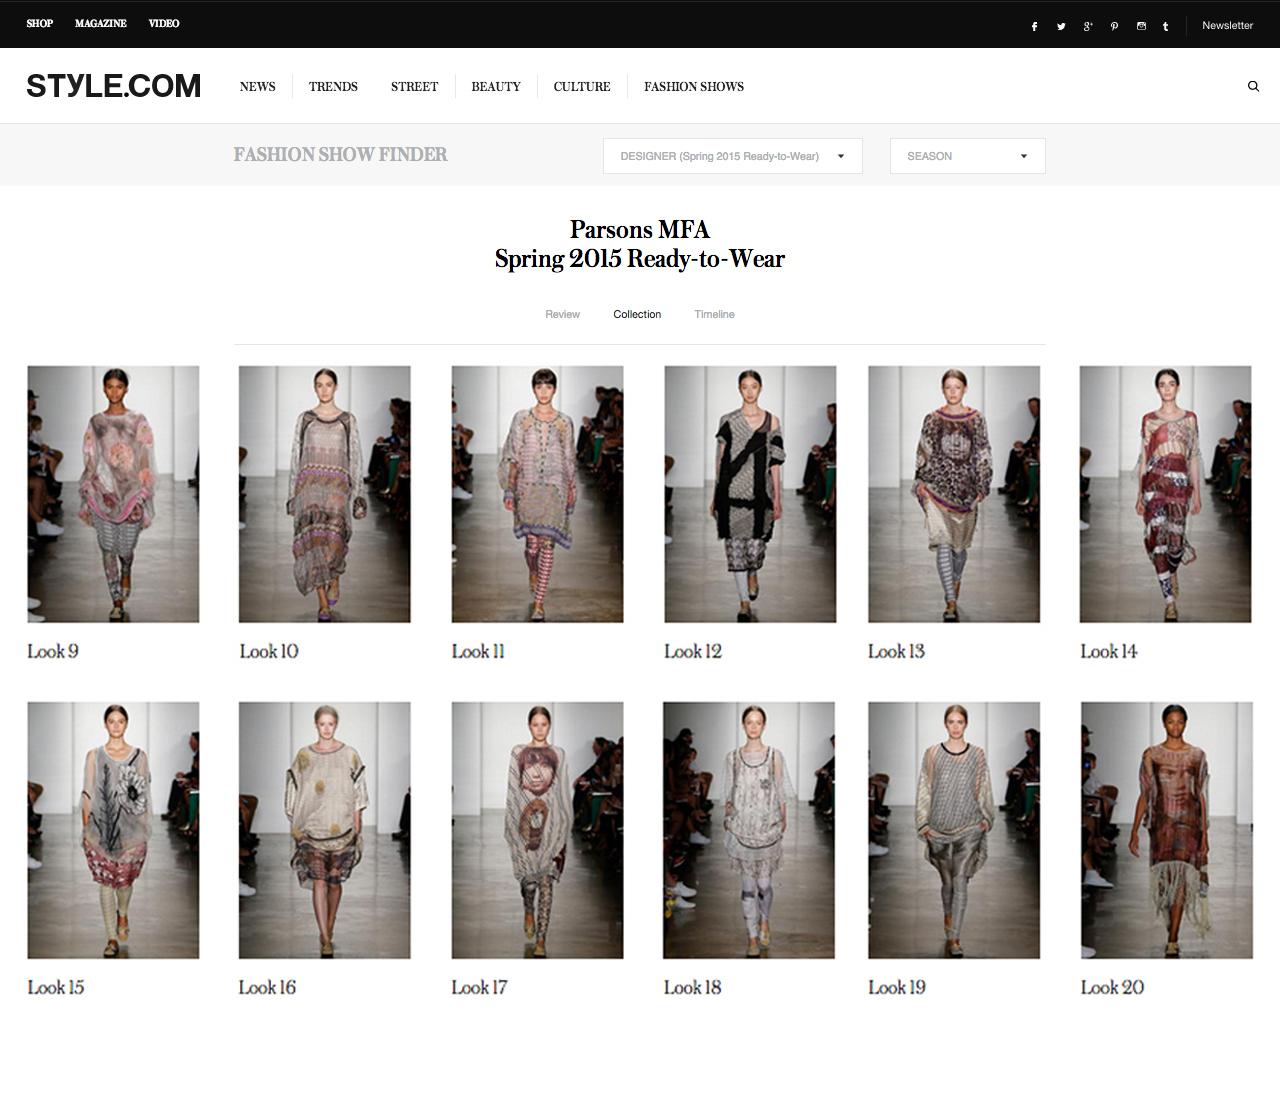 StyleCom